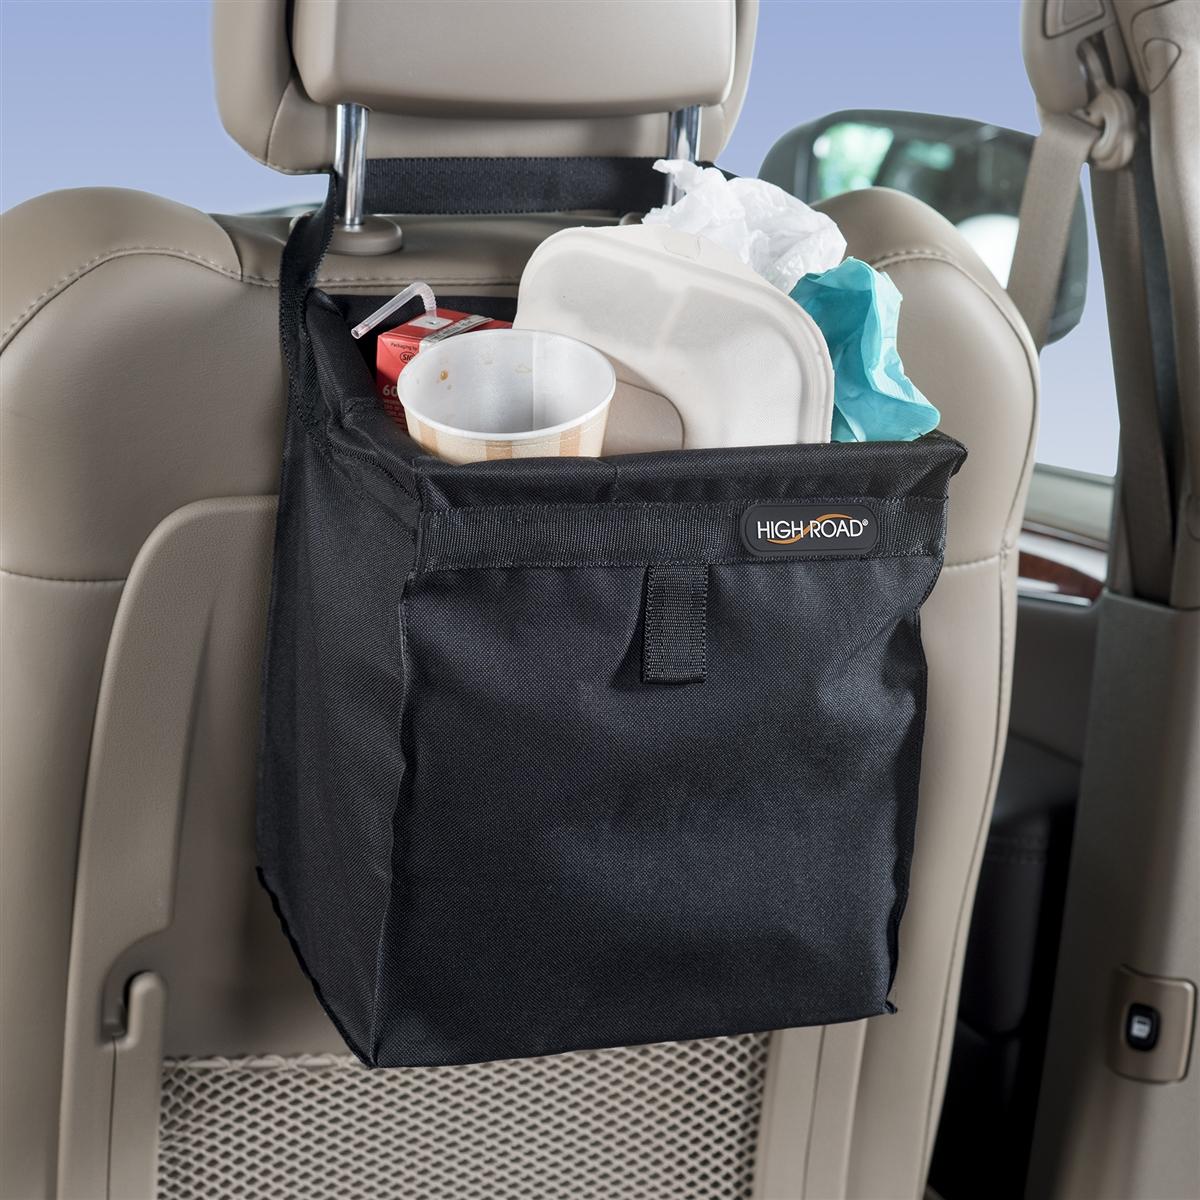 High Road Black TrashStash Hanging Car Trash Bag, a Fully Leakproof ...